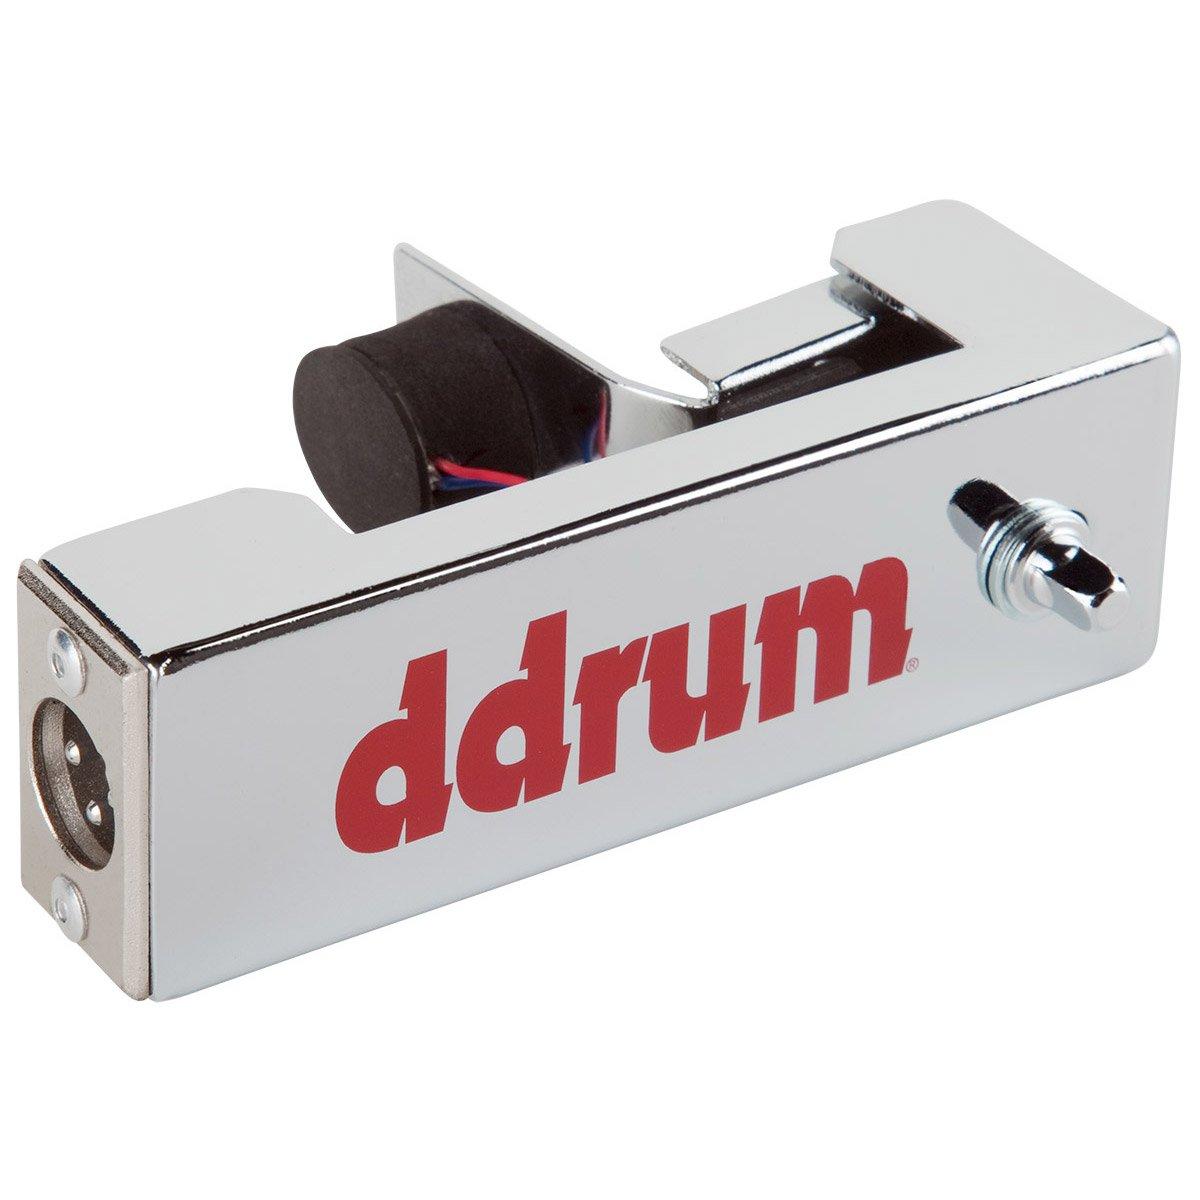 Ddrum CETK Elite Trigger/capteur pour grosse caisse Chromé